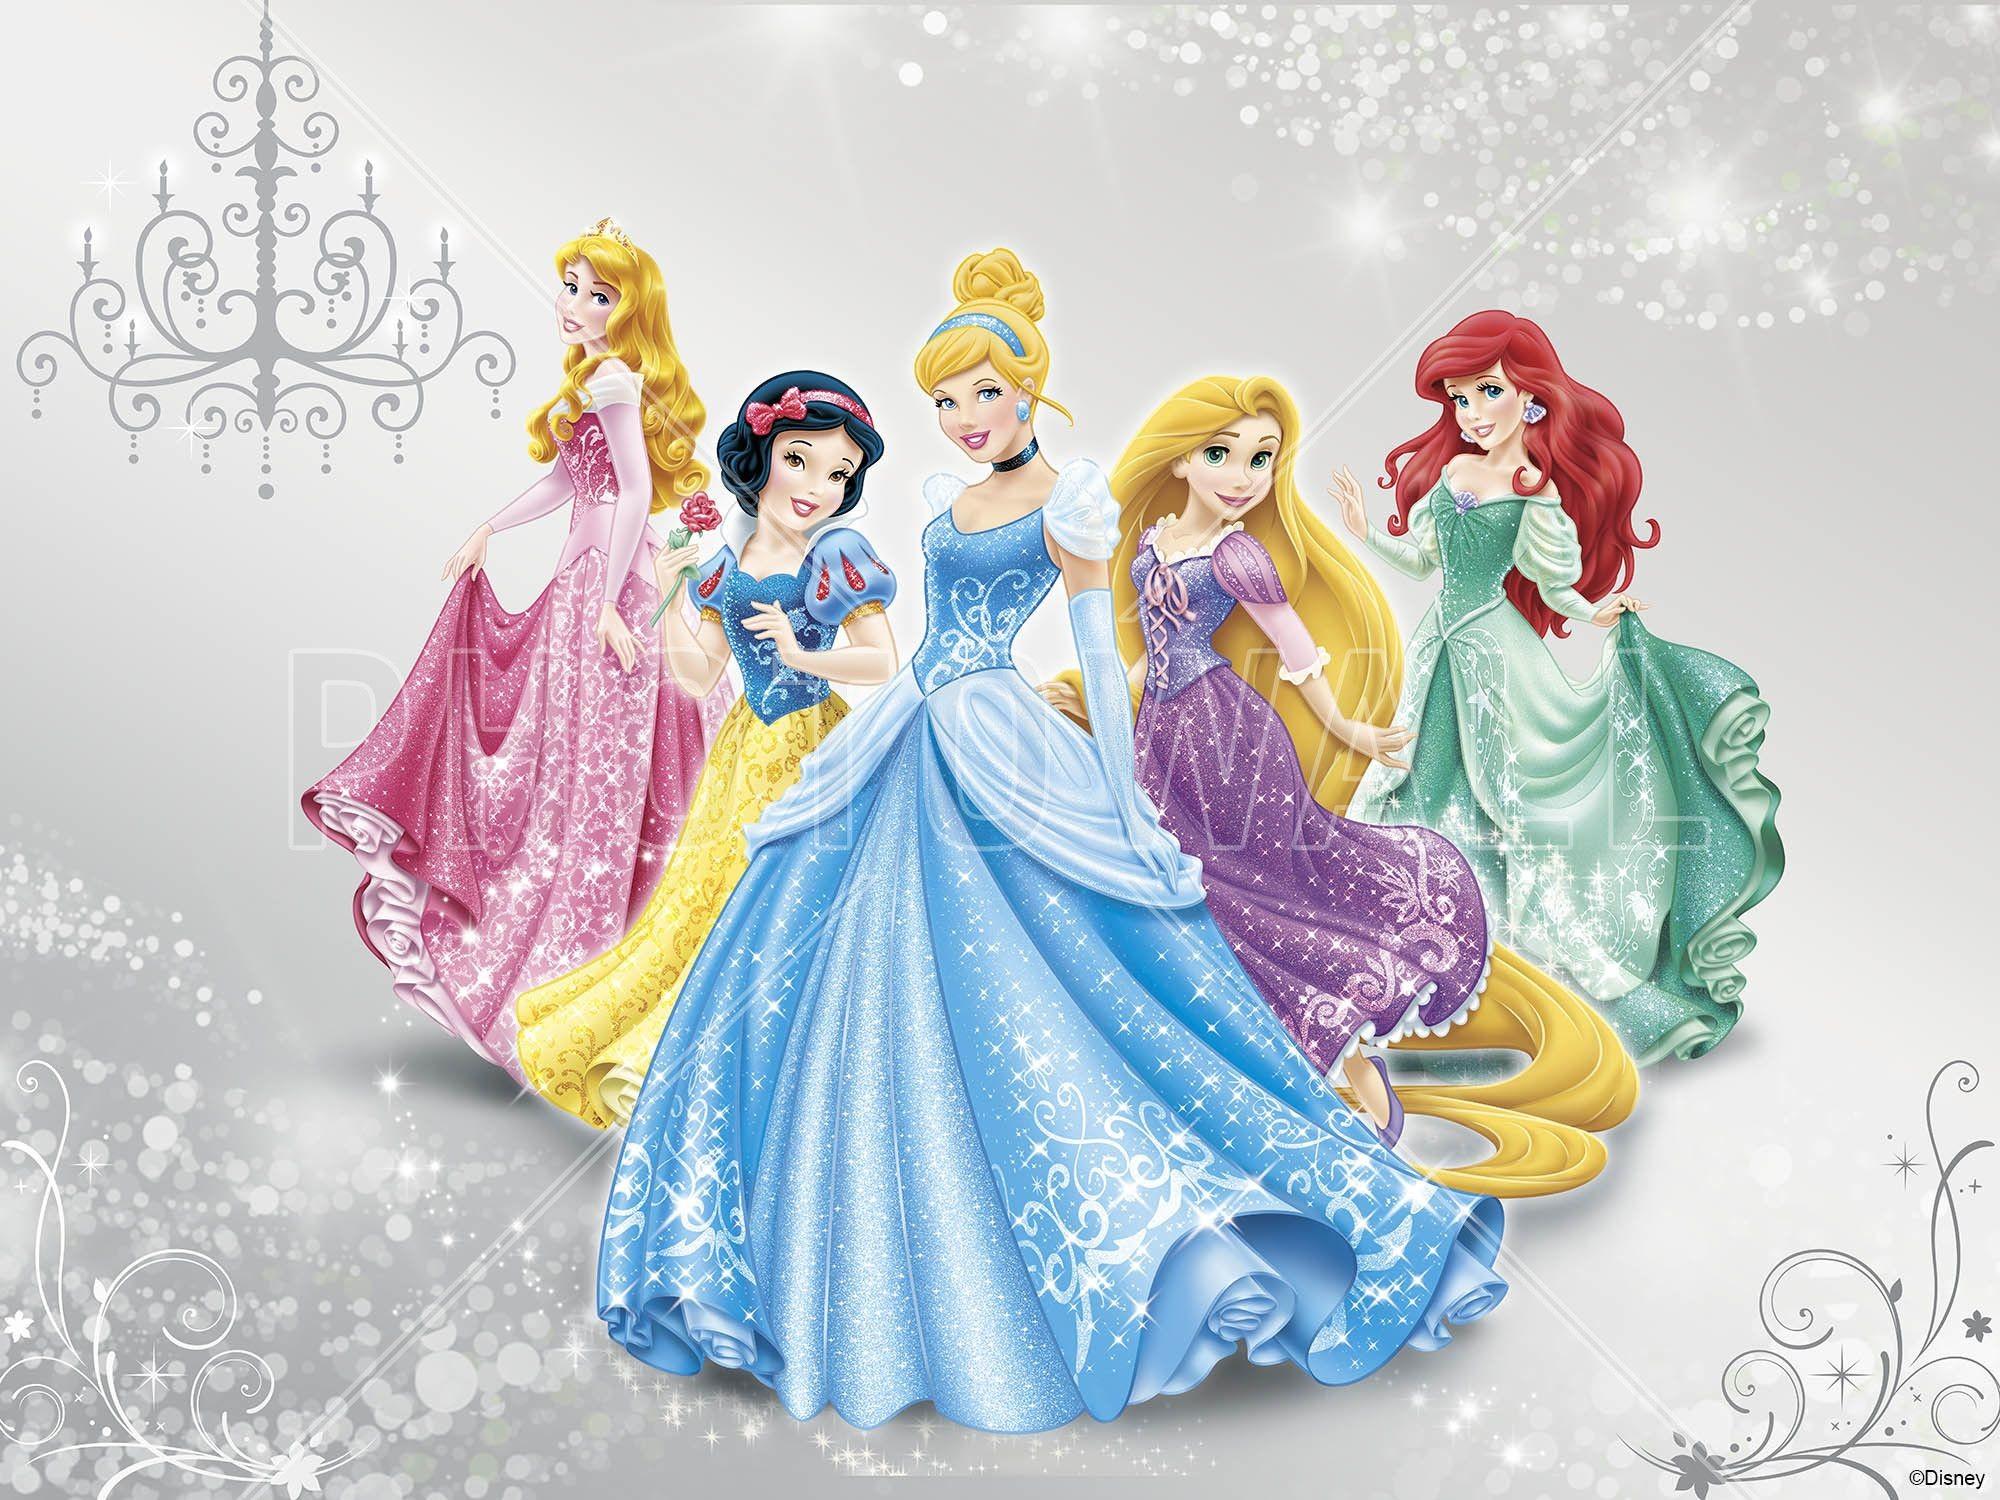 Res: 2000x1500, Ariel Belle Cinderella Aurora Disney Princess HD Wallpaper for FB 1280×720 Disney  Princess Wallpaper (60 Wallpapers) | Adorable Wallpapers